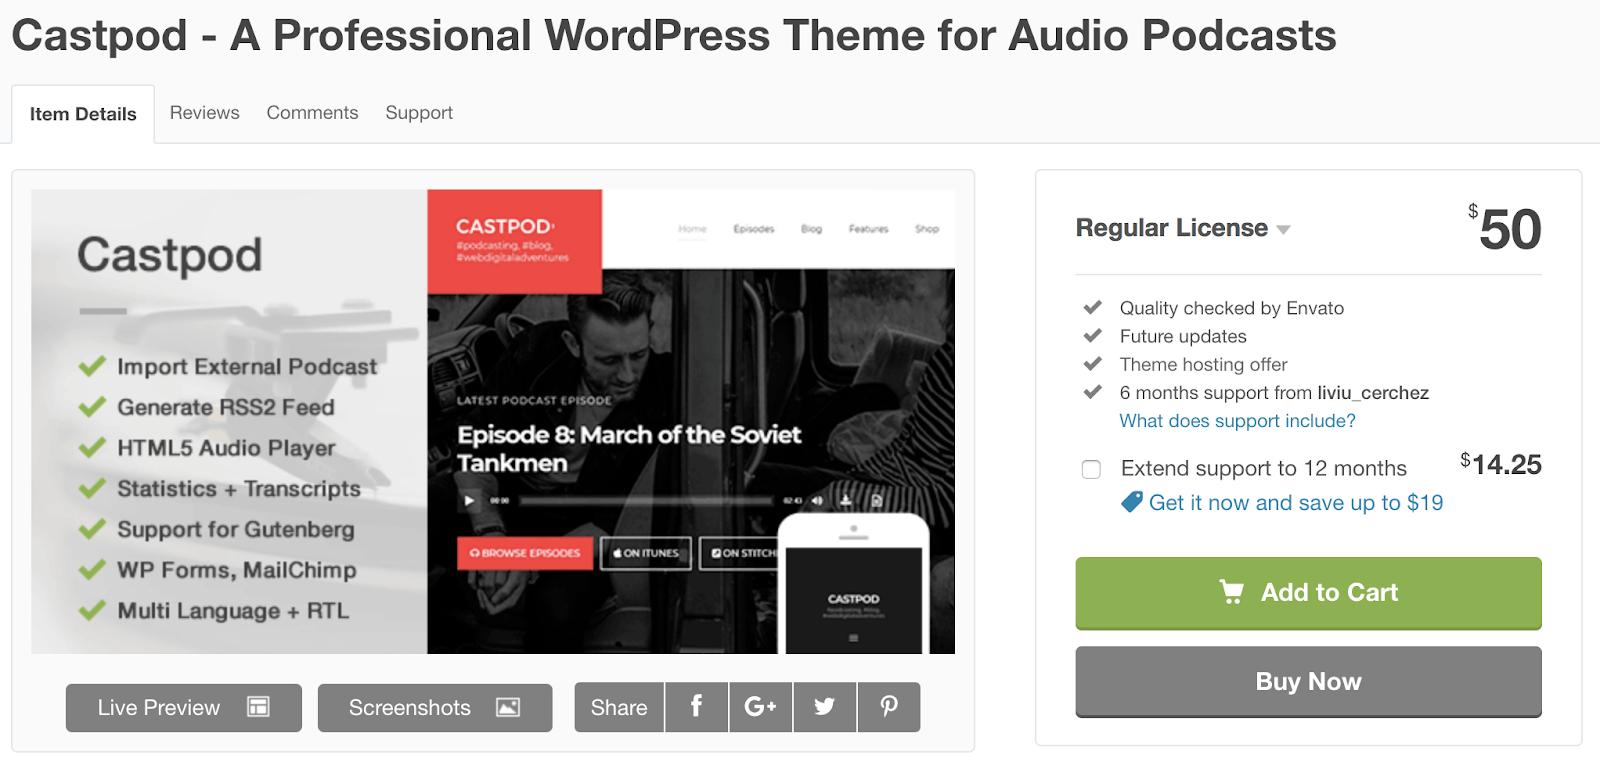 castpod-wordpress-tema